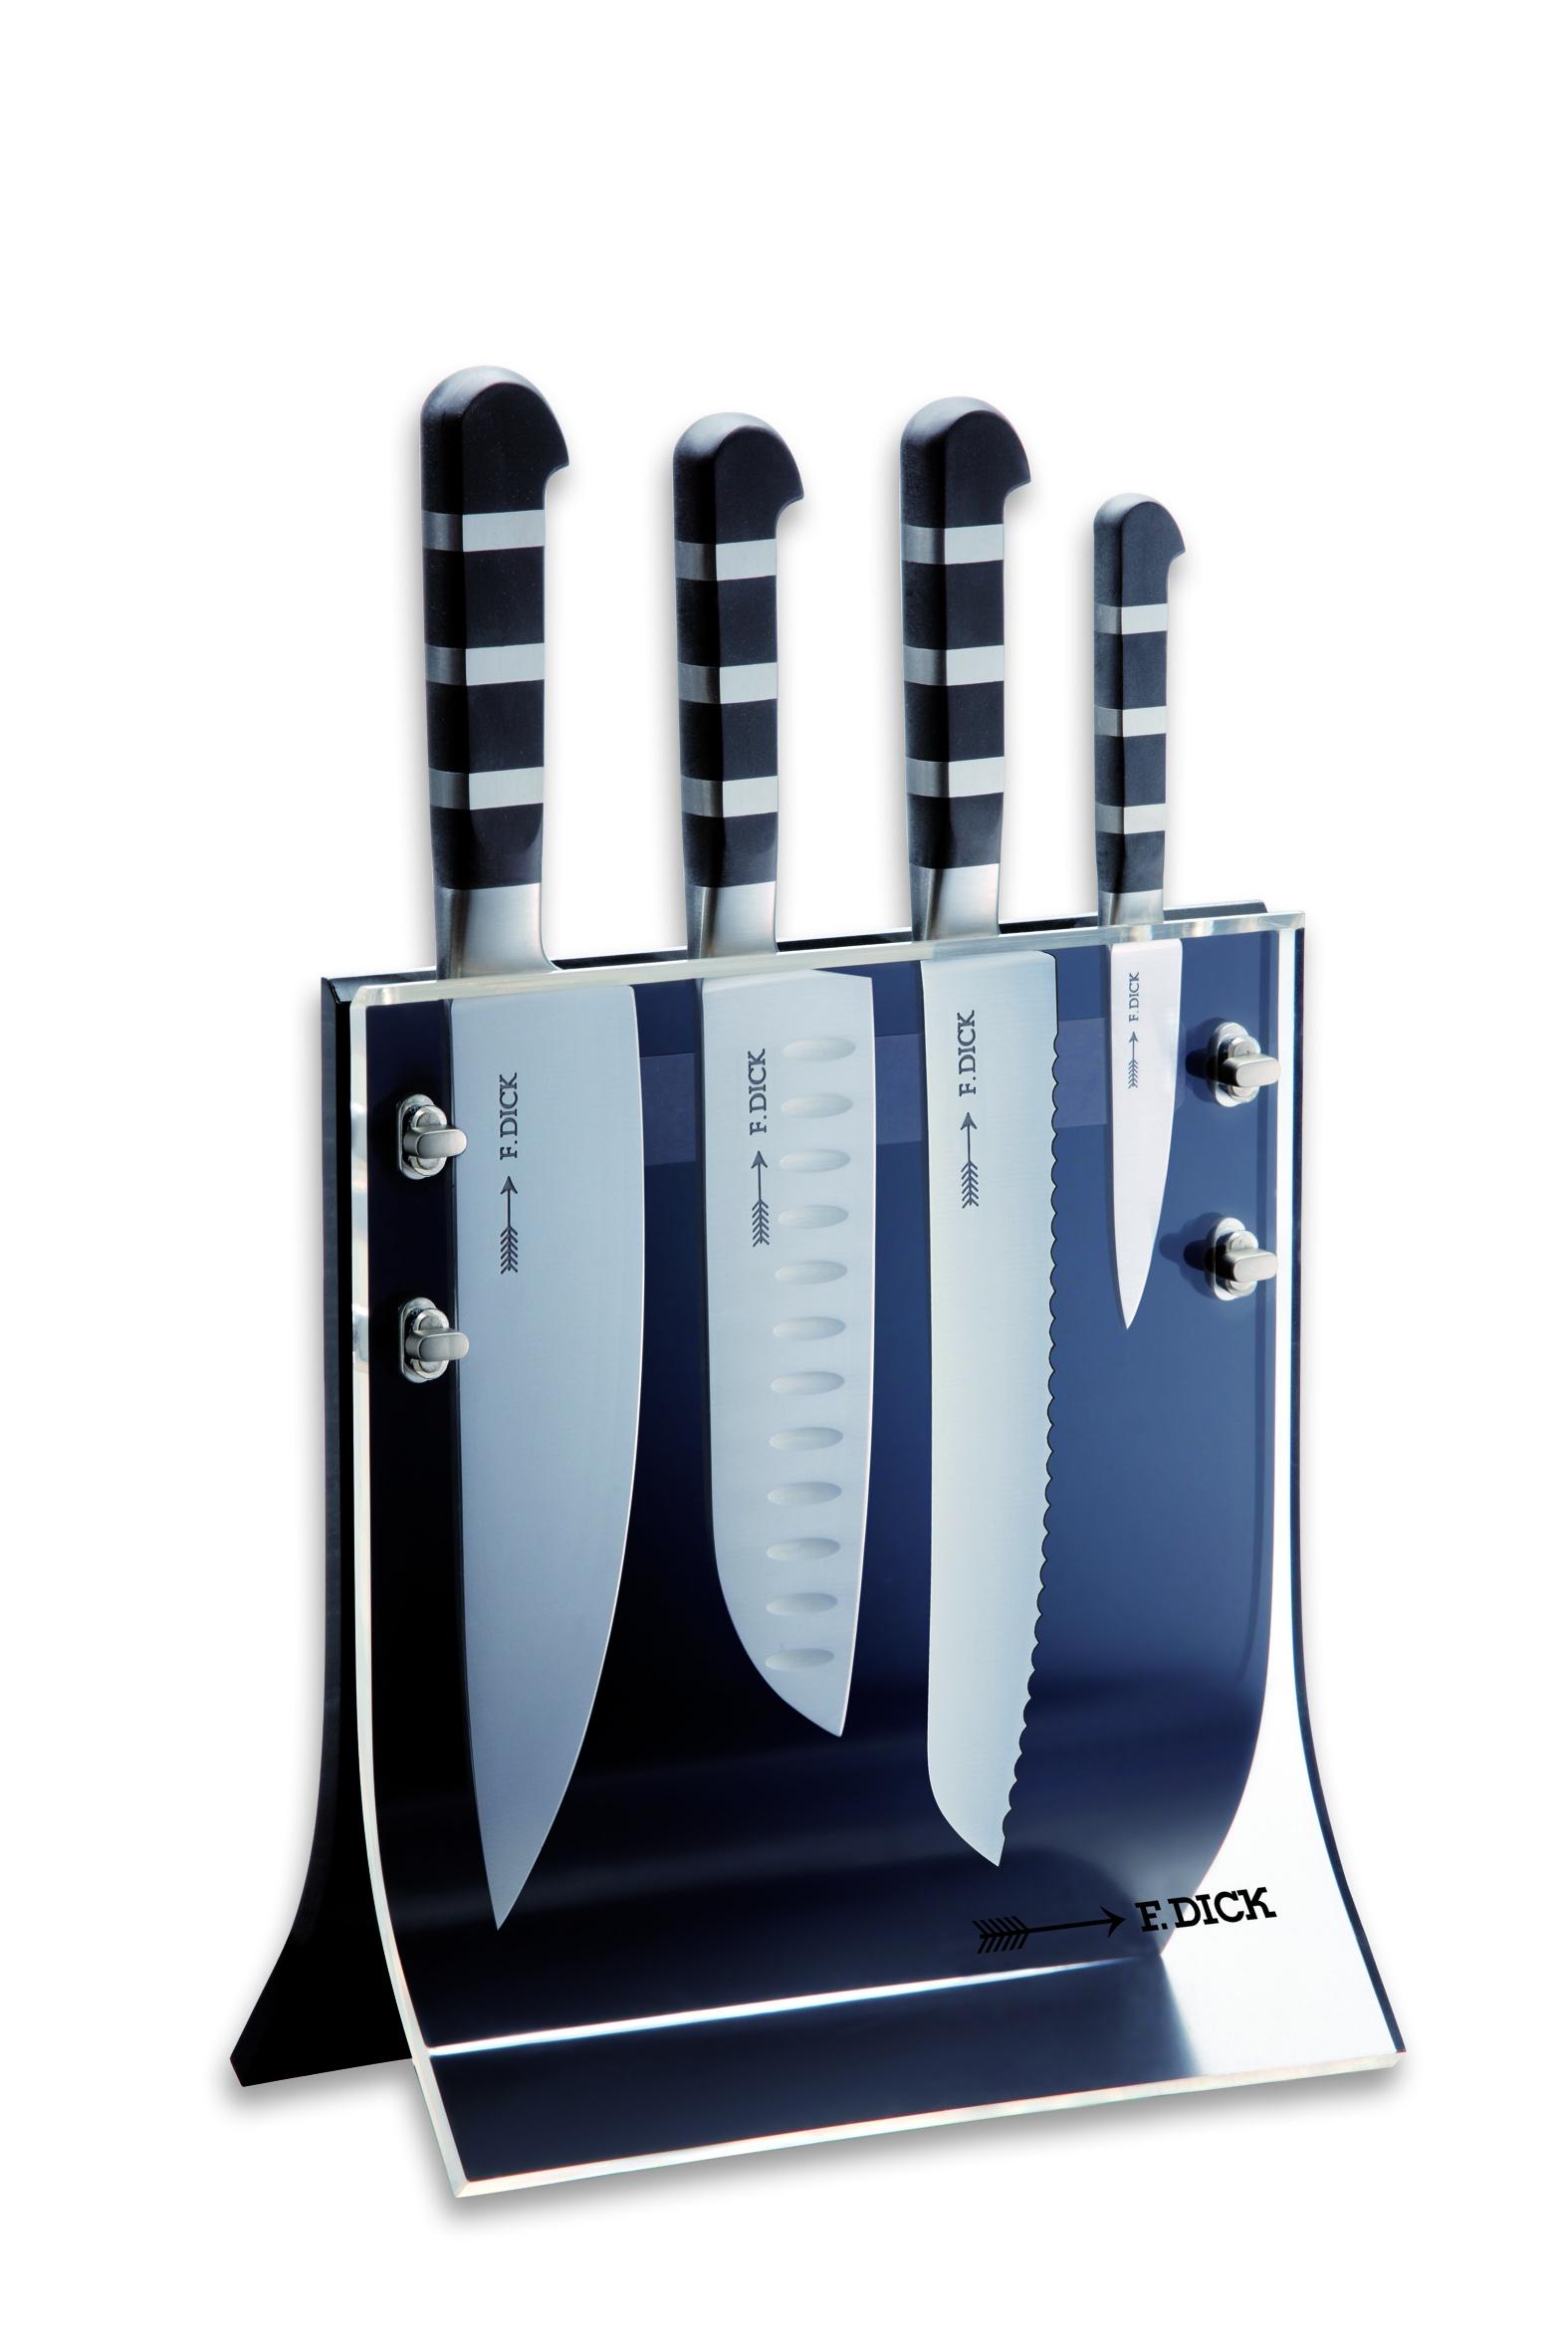 F.Dick, Sada kuchařských kovaných nožů 4ks s magnetickým stojanem, série 1905